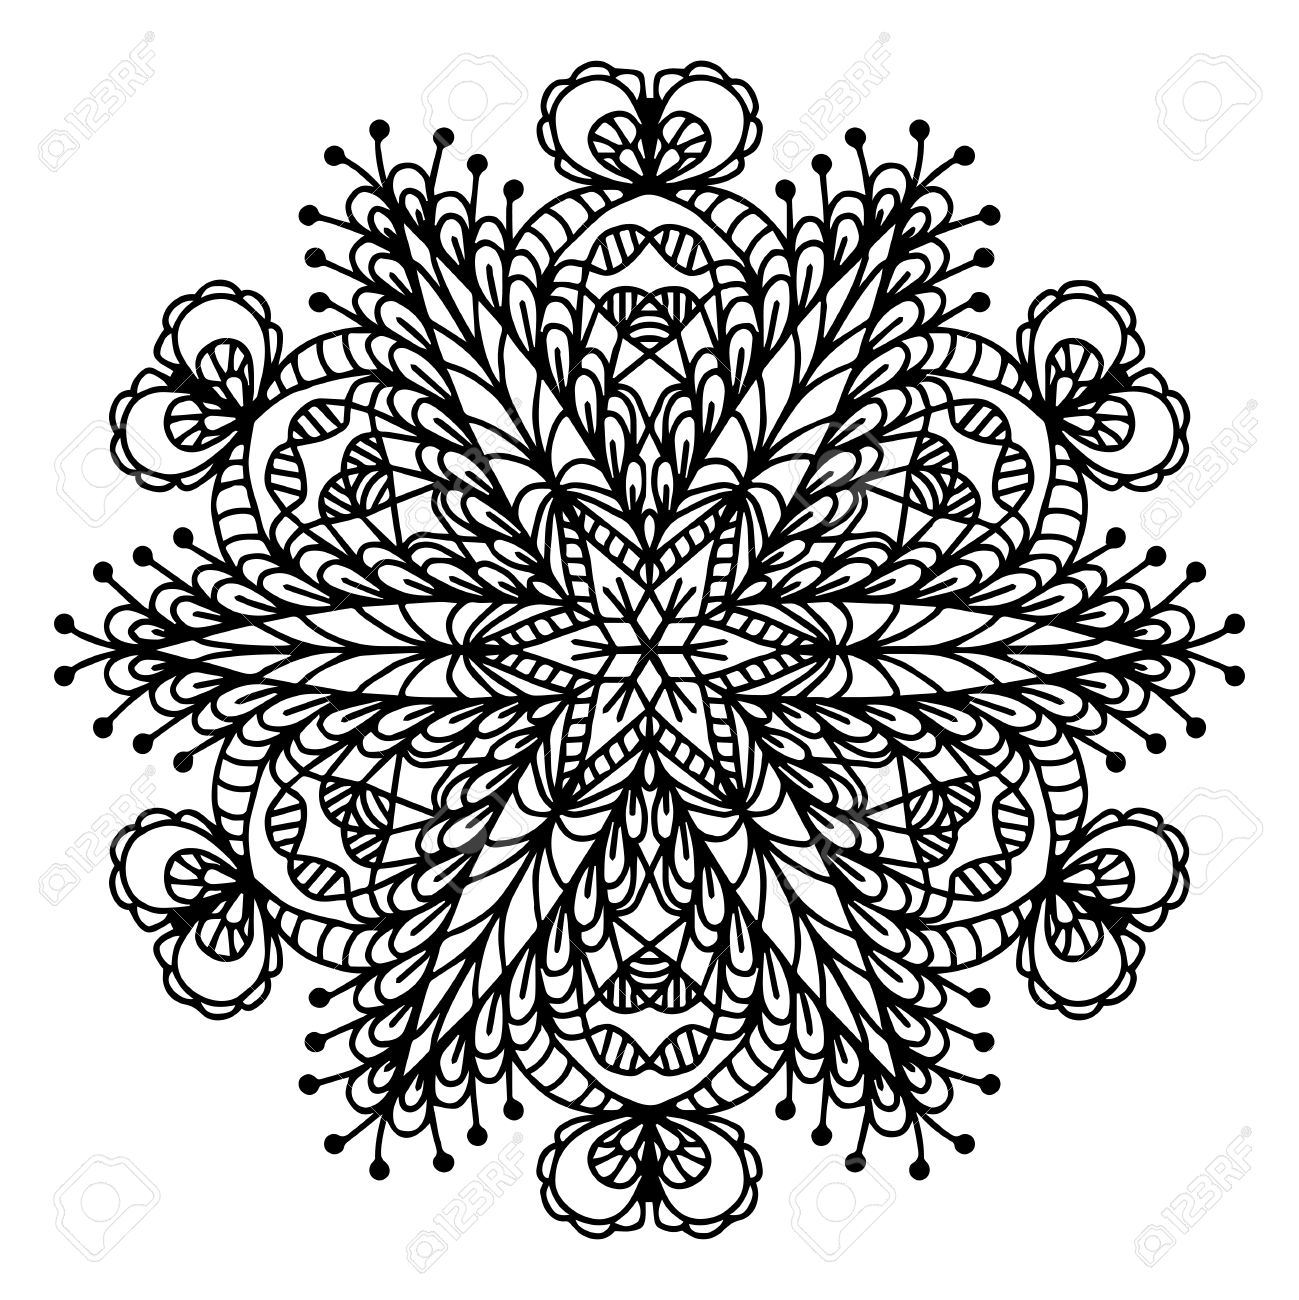 Hand Tekening Doodling Mandala Kleurplaat Geisoleerde Royalty Vrije Cliparts Vectoren En Stock Illustratie Image 66696848